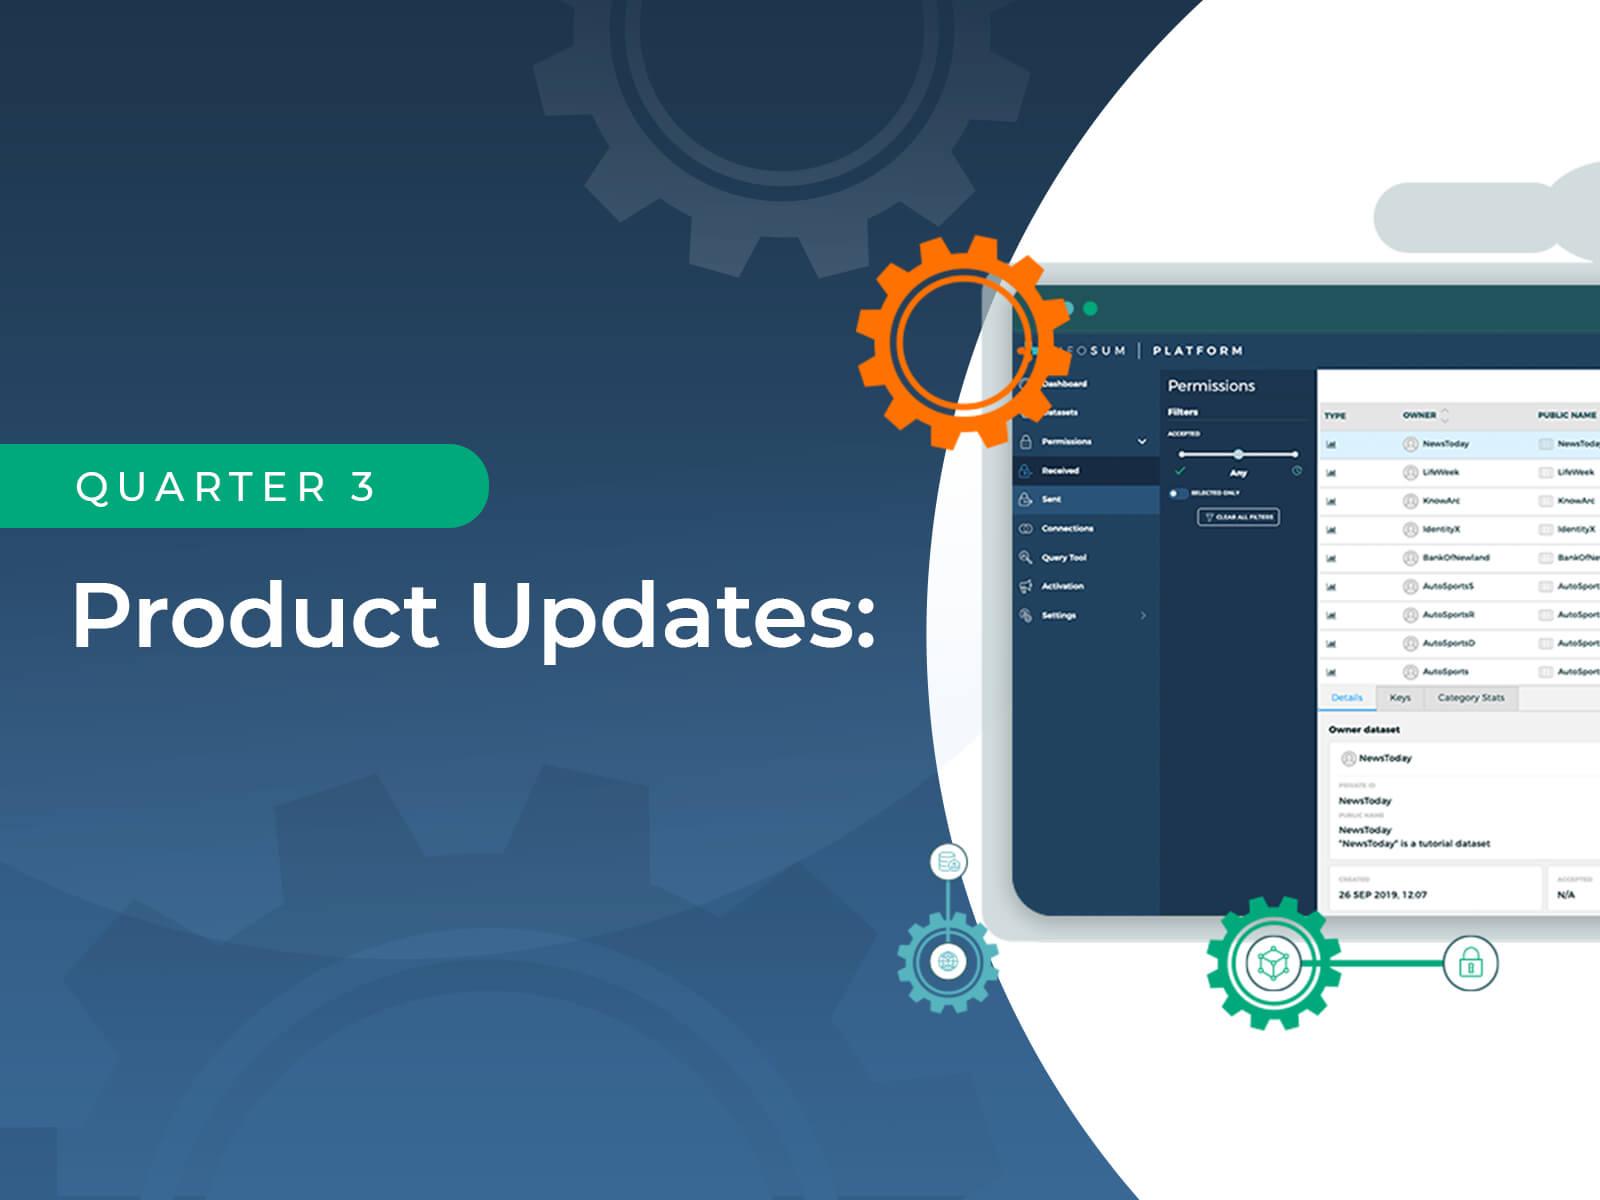 Product Updates - Q3 2020